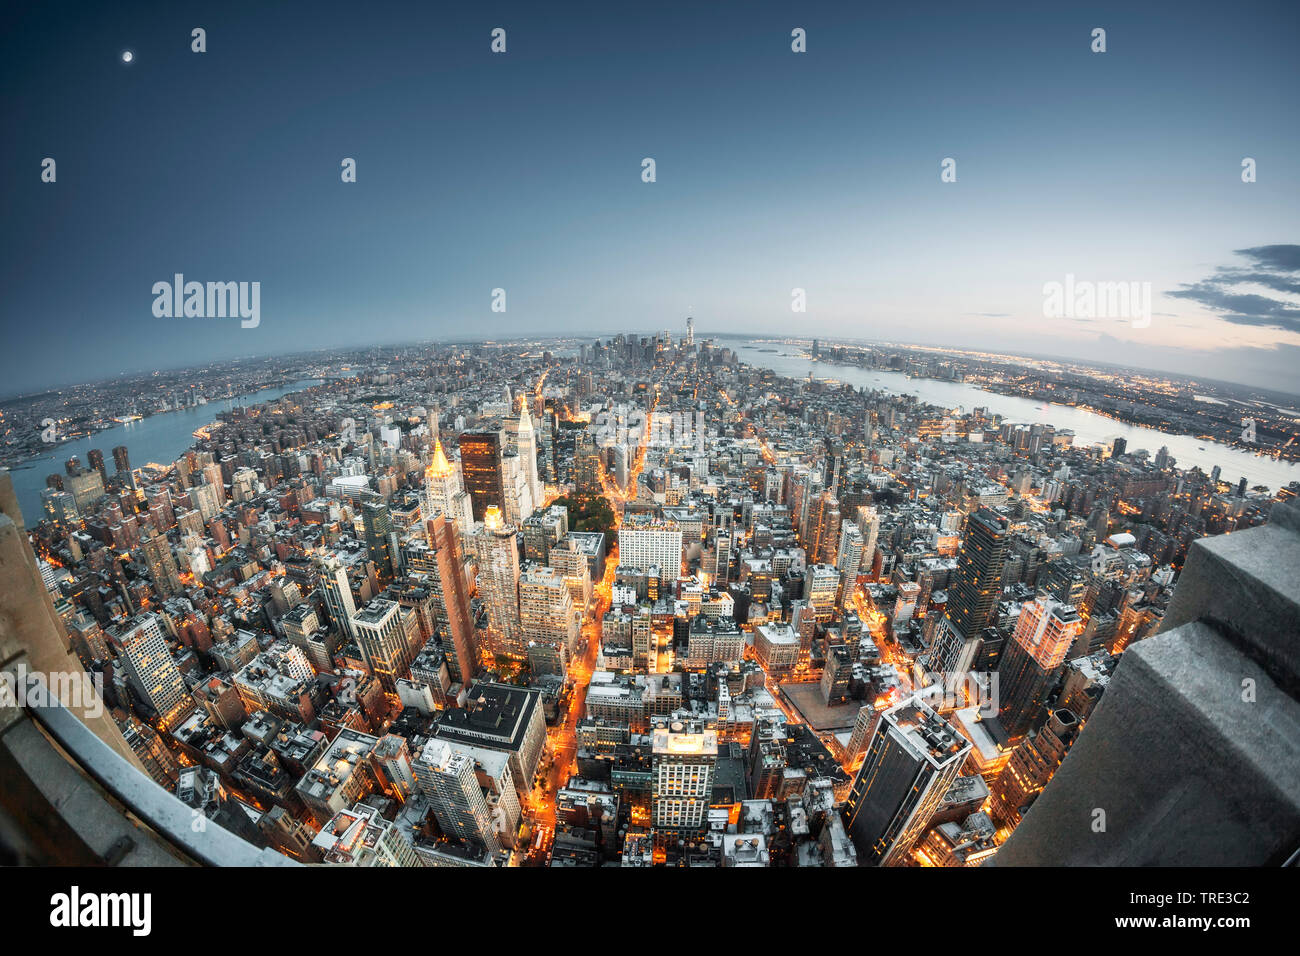 Wolkenkratzer New Yorks, fotografiert mit Fischaugen-Objektiv, USA, New York City   skyscaper of New York, siheye view, USA, New York City   BLWS51623 - Stock Image